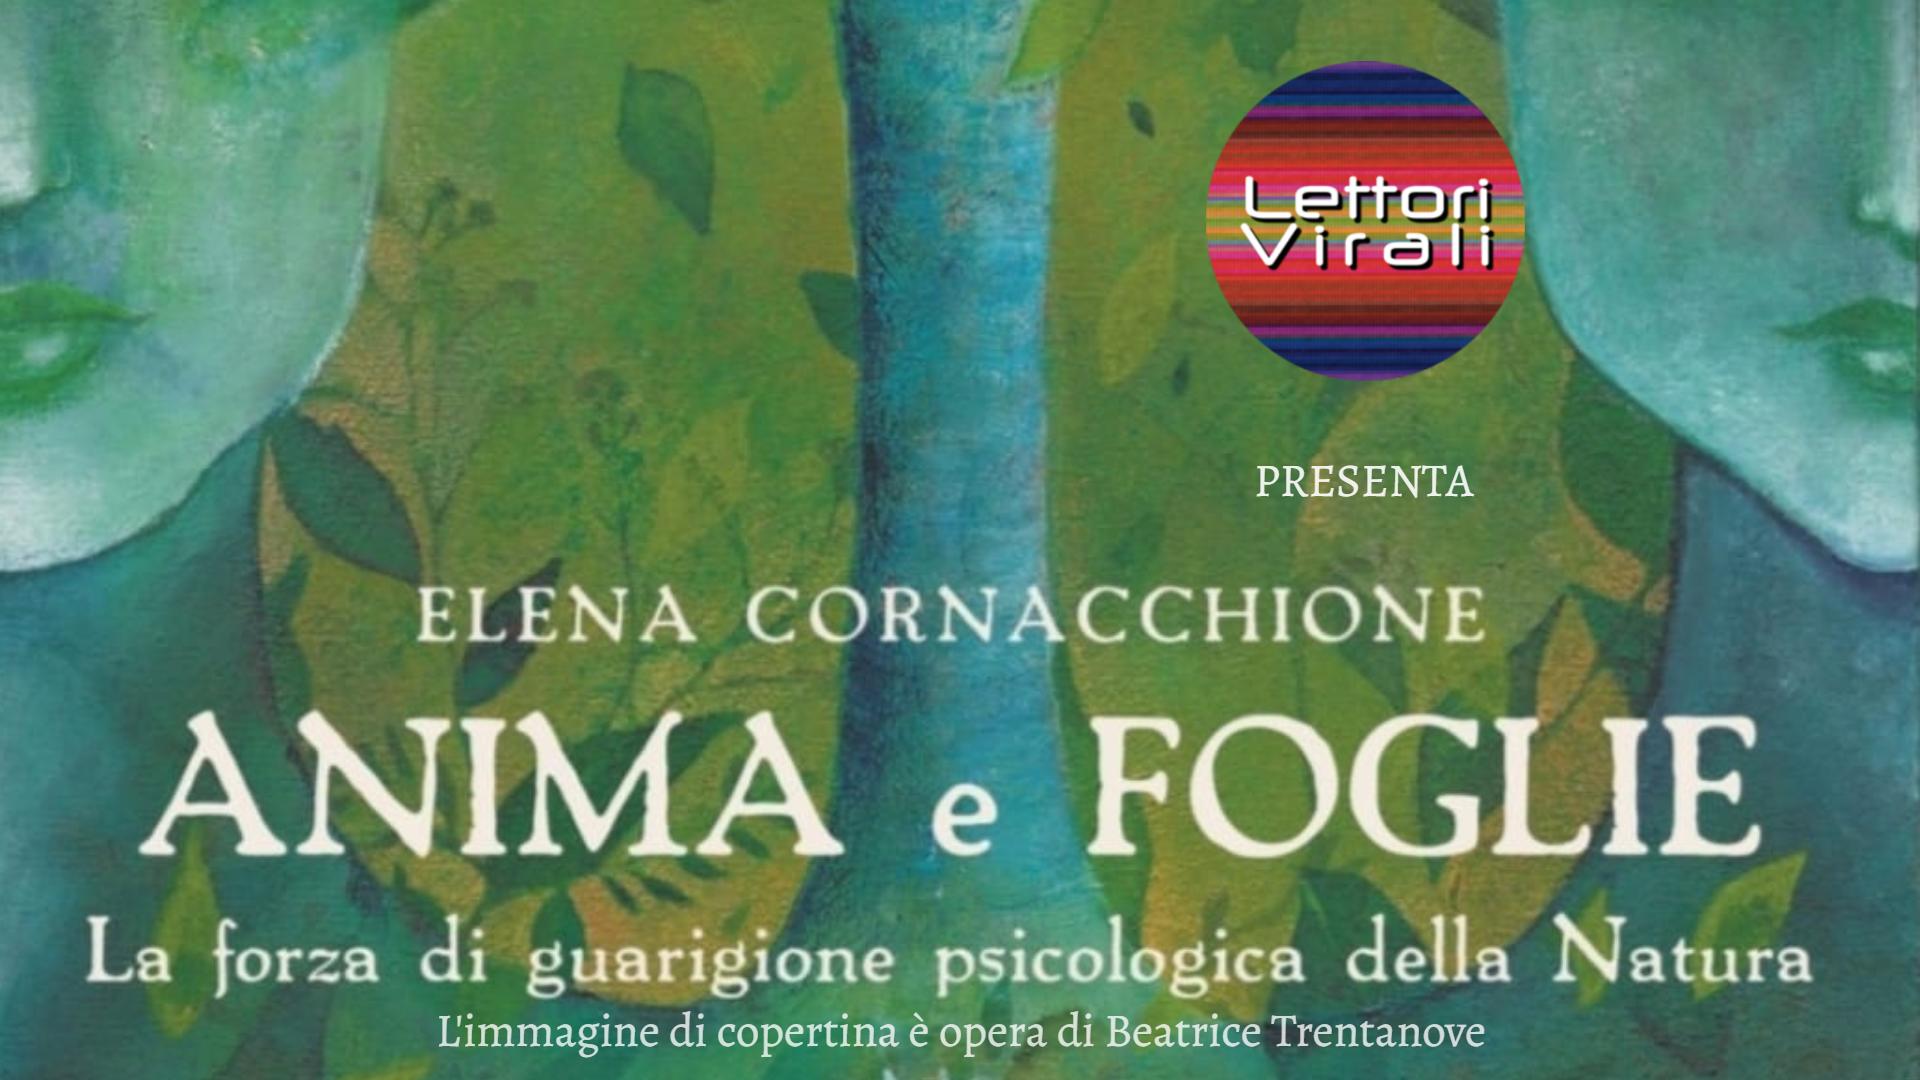 Anima e Foglie di Elena Cornacchione